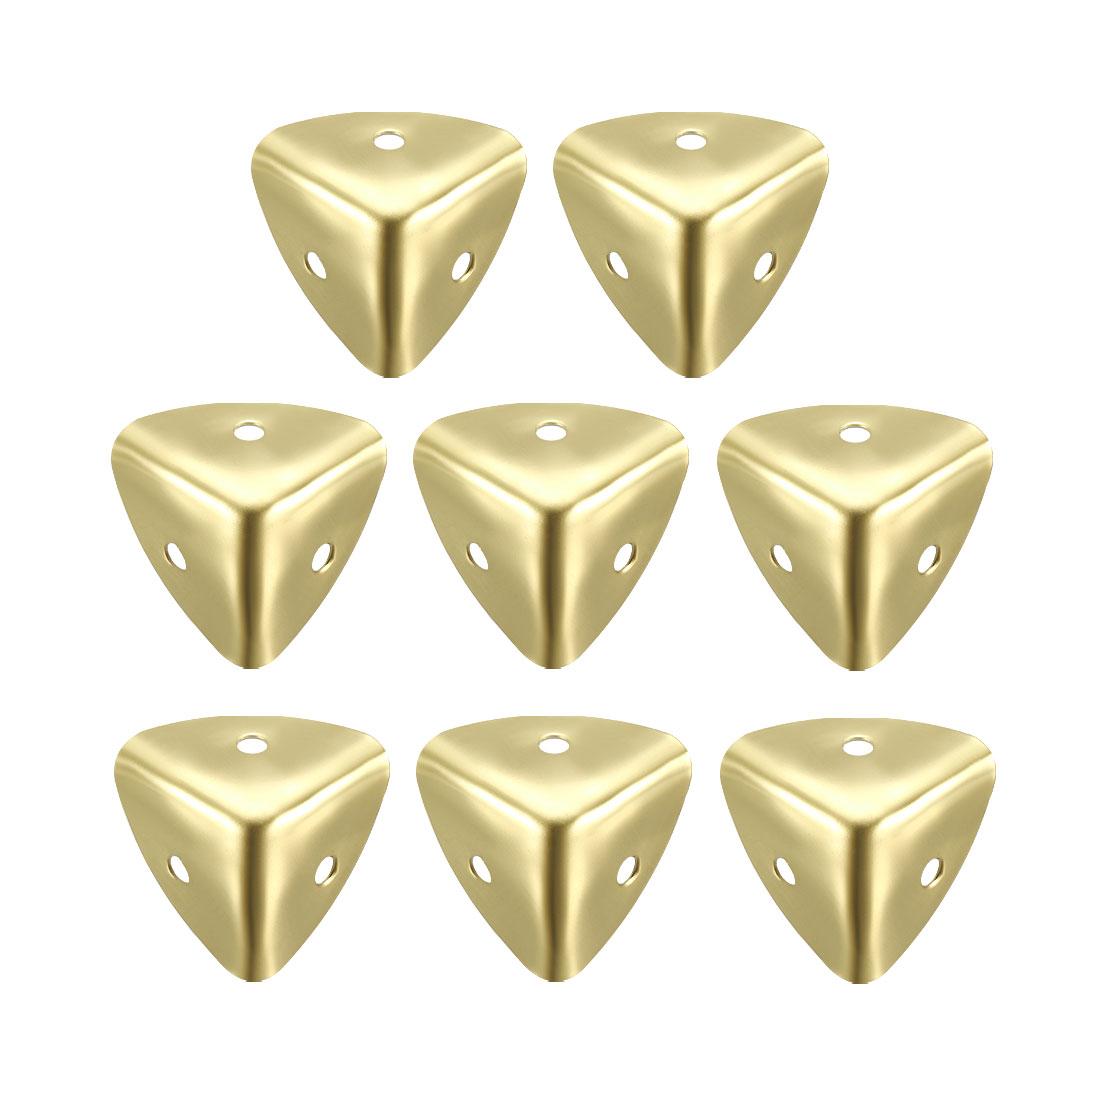 Metal Box Corner Protectors Edge Guard Protector 25x25x25mm Gold Tone 8pcs